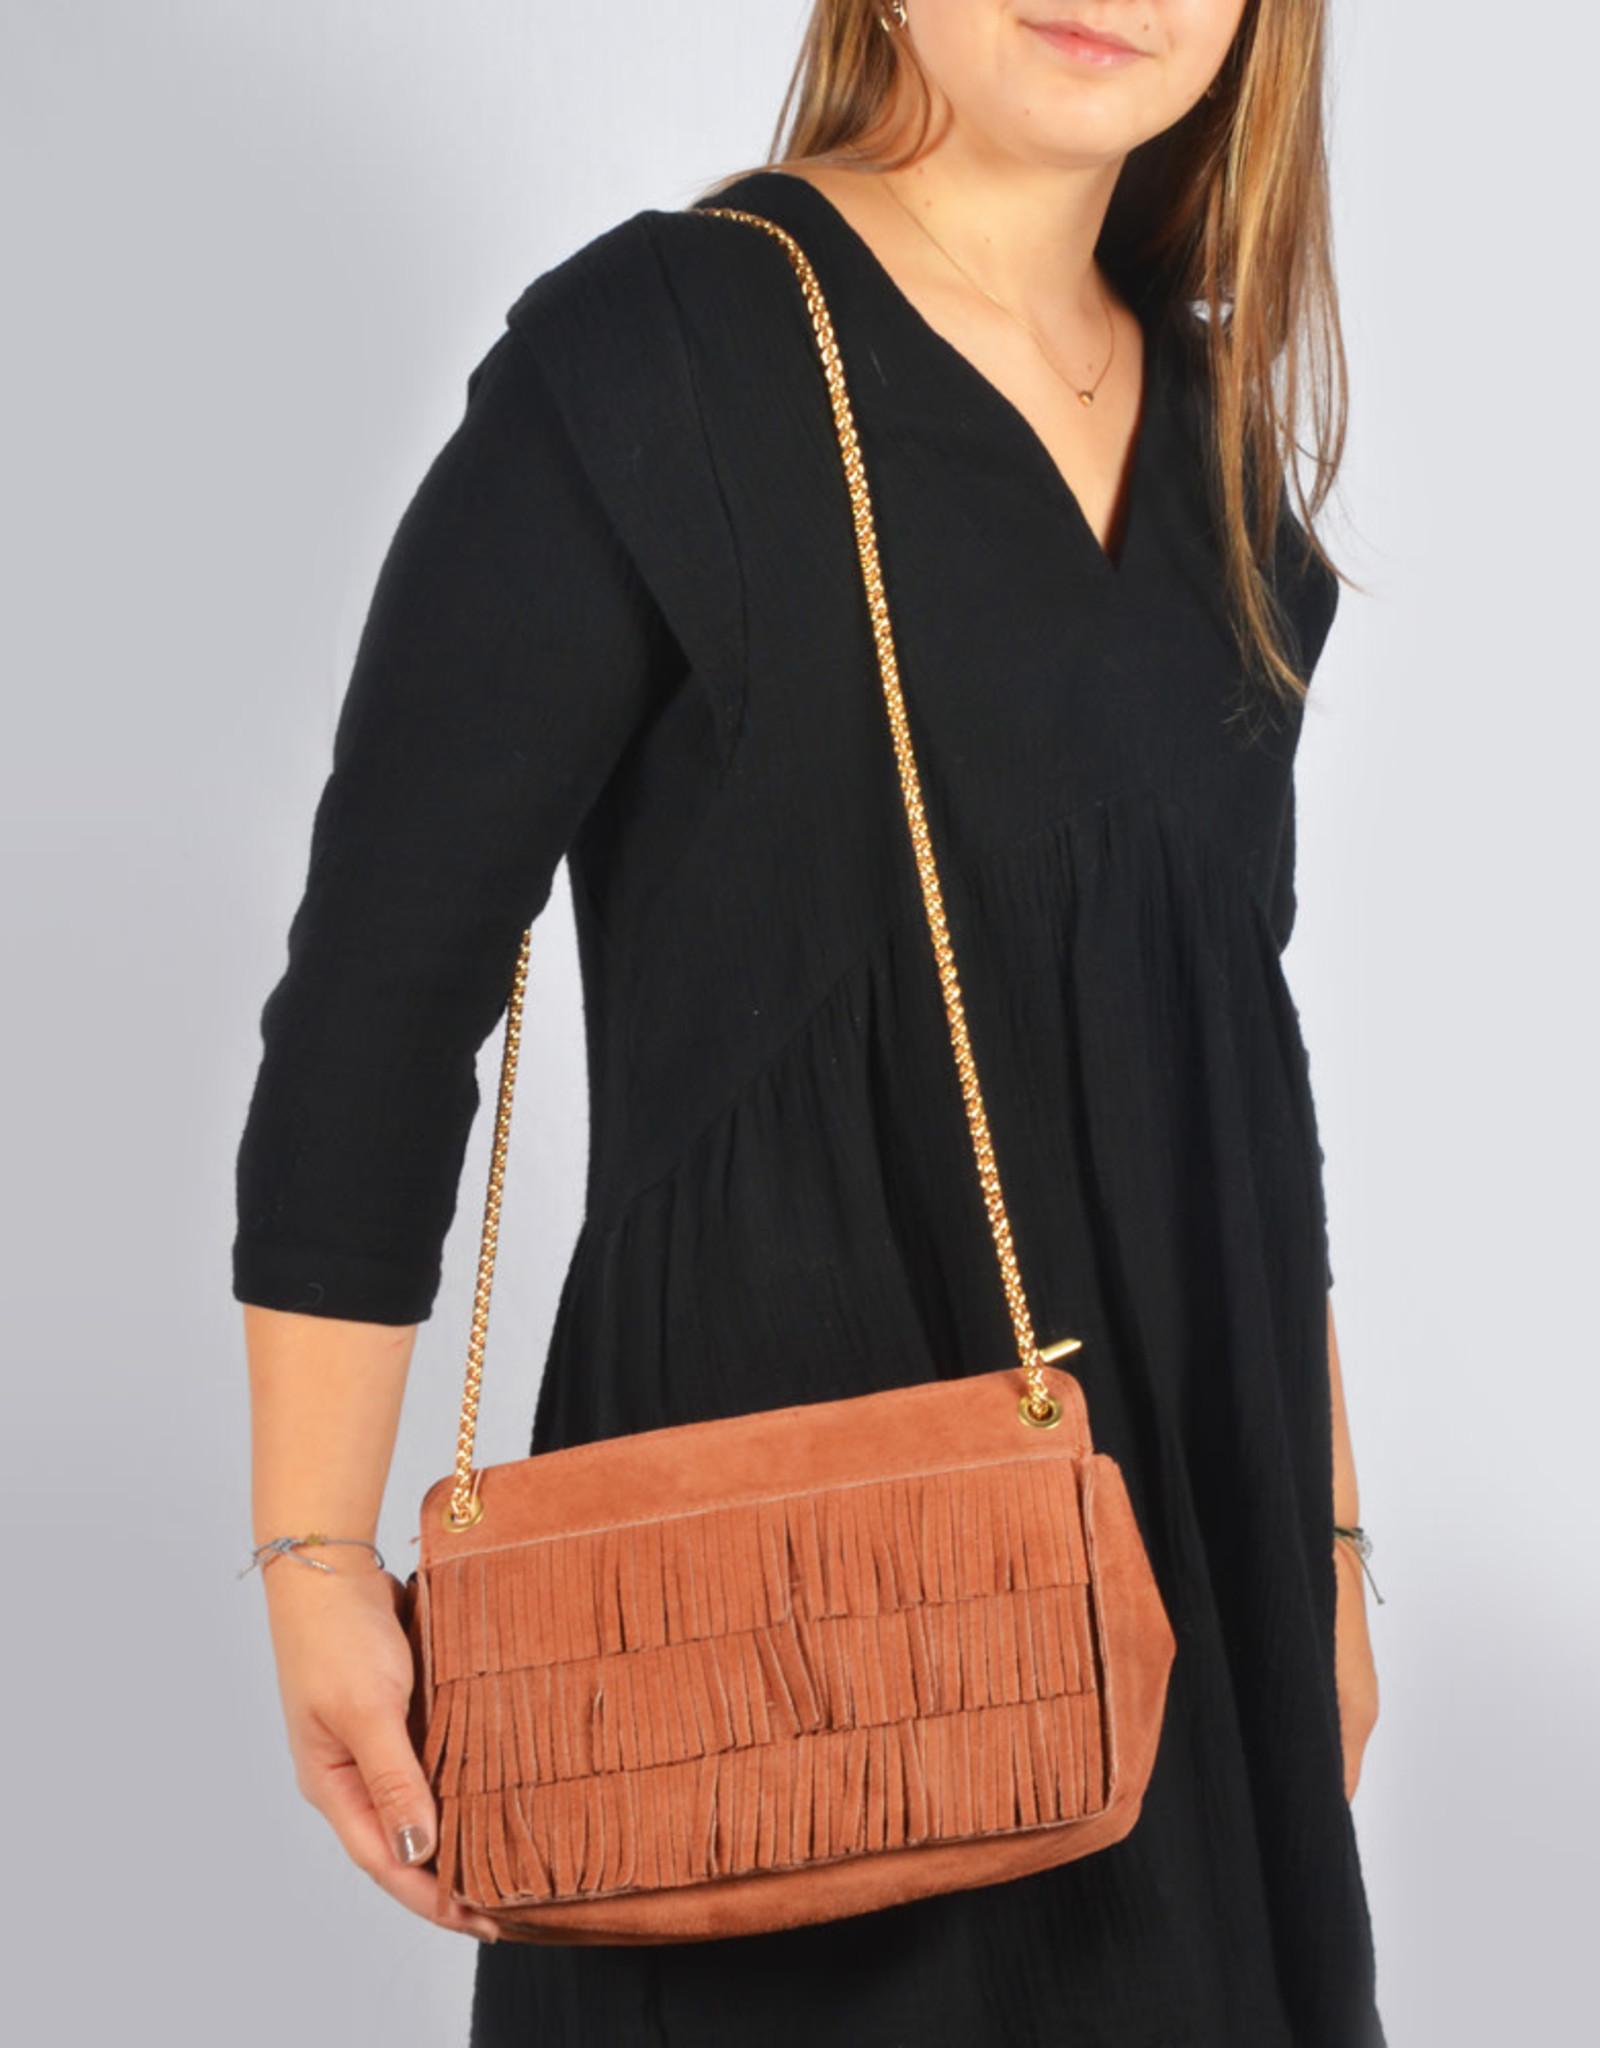 Lola bag brown